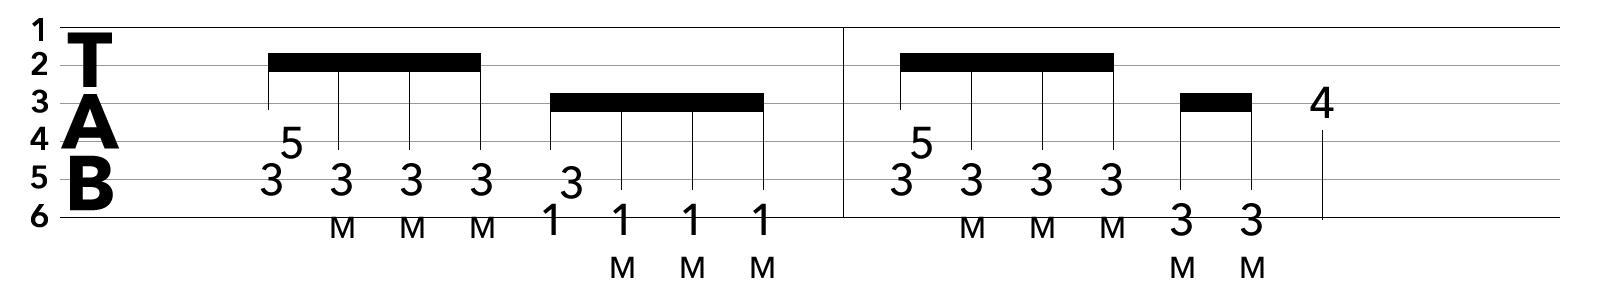 TAB譜:コードチェンジを伴うブリッジミュートの課題練習フレーズ2